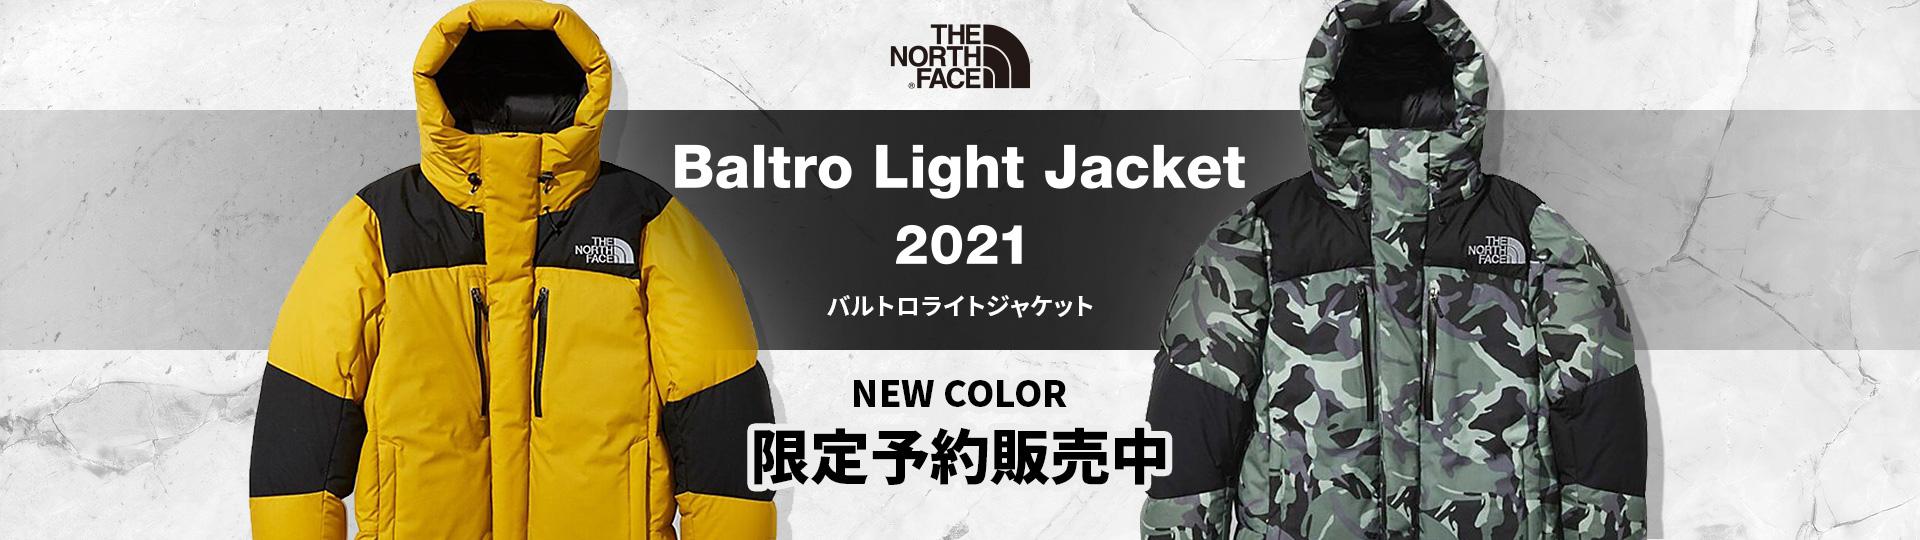 バルトロライトジャケット2021限定予約販売